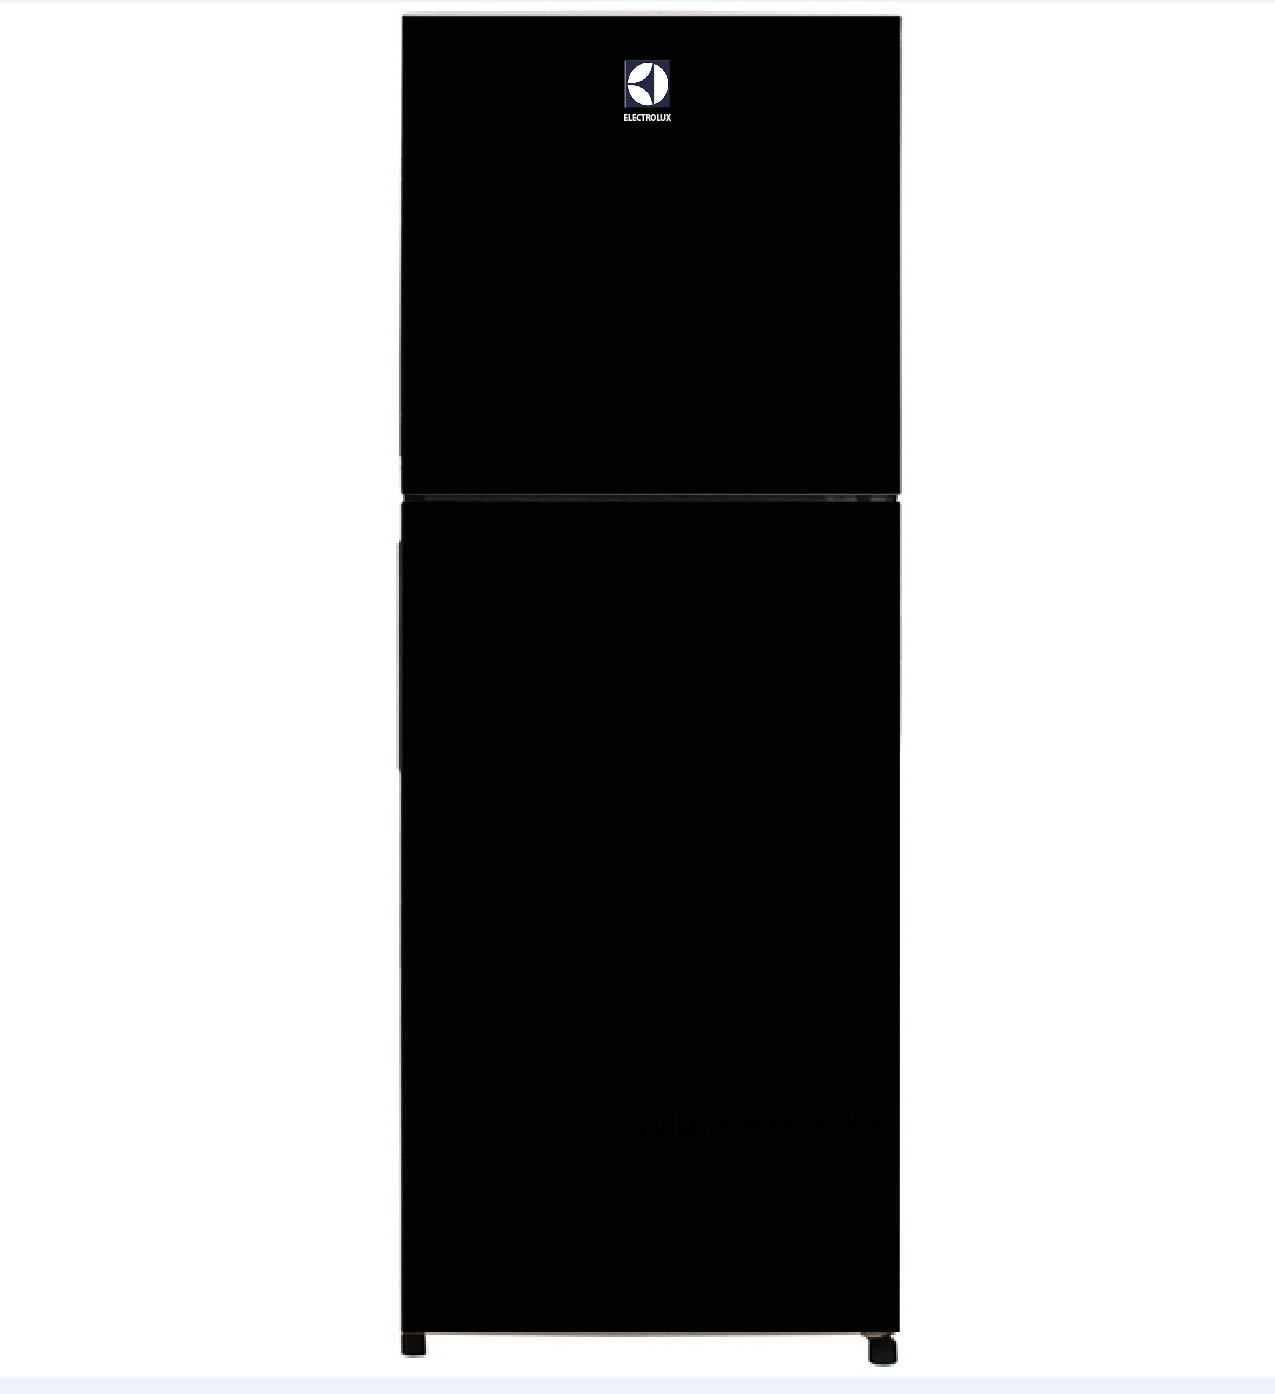 Tủ lạnh Electrolux ETB2600BG tồn tại